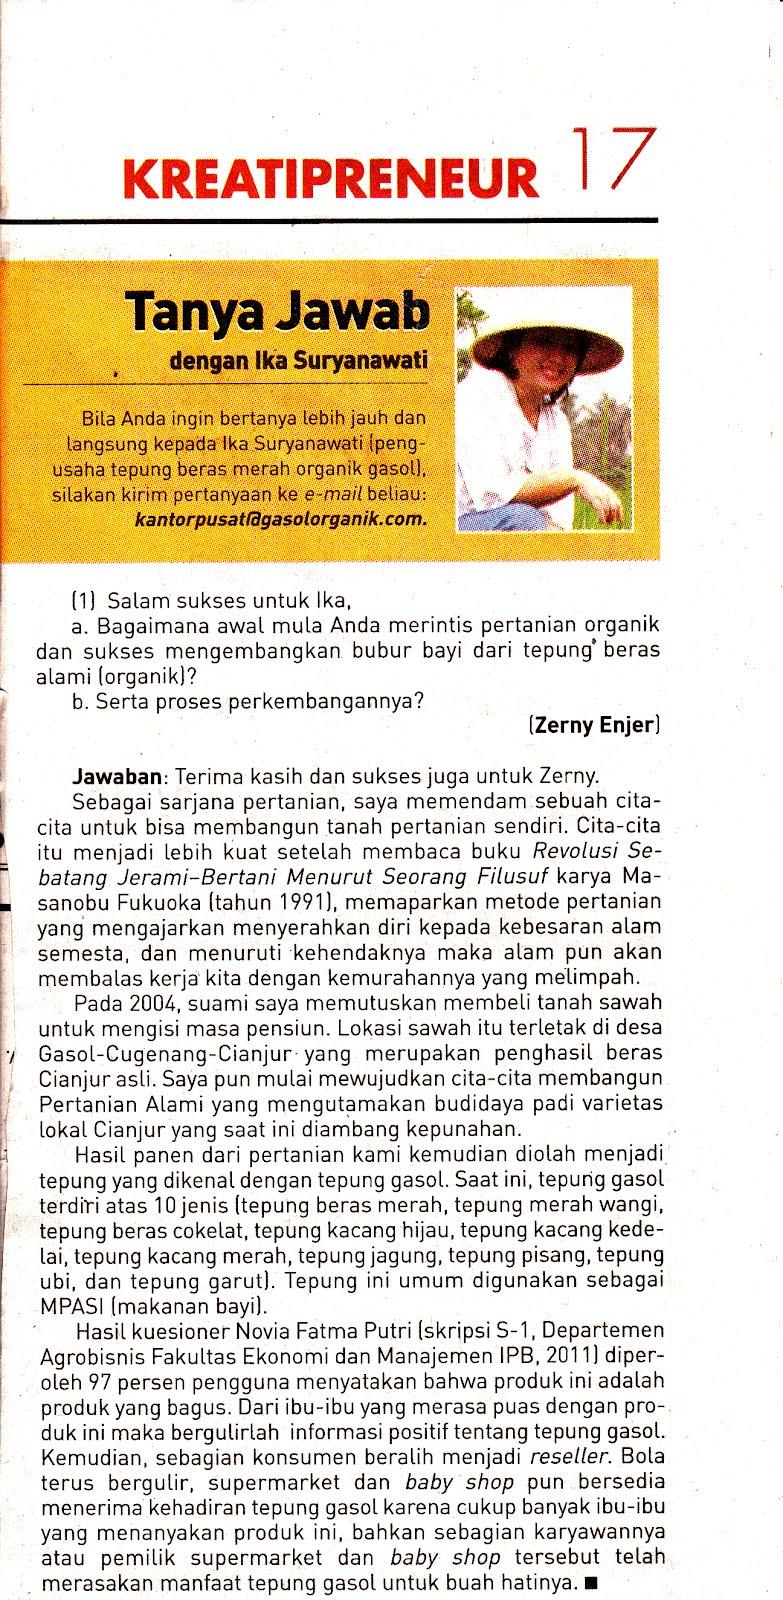 Gasol Pertanian Organik Republika 2 Mei 2012 Tanya Jawab Tepung Beras Merah